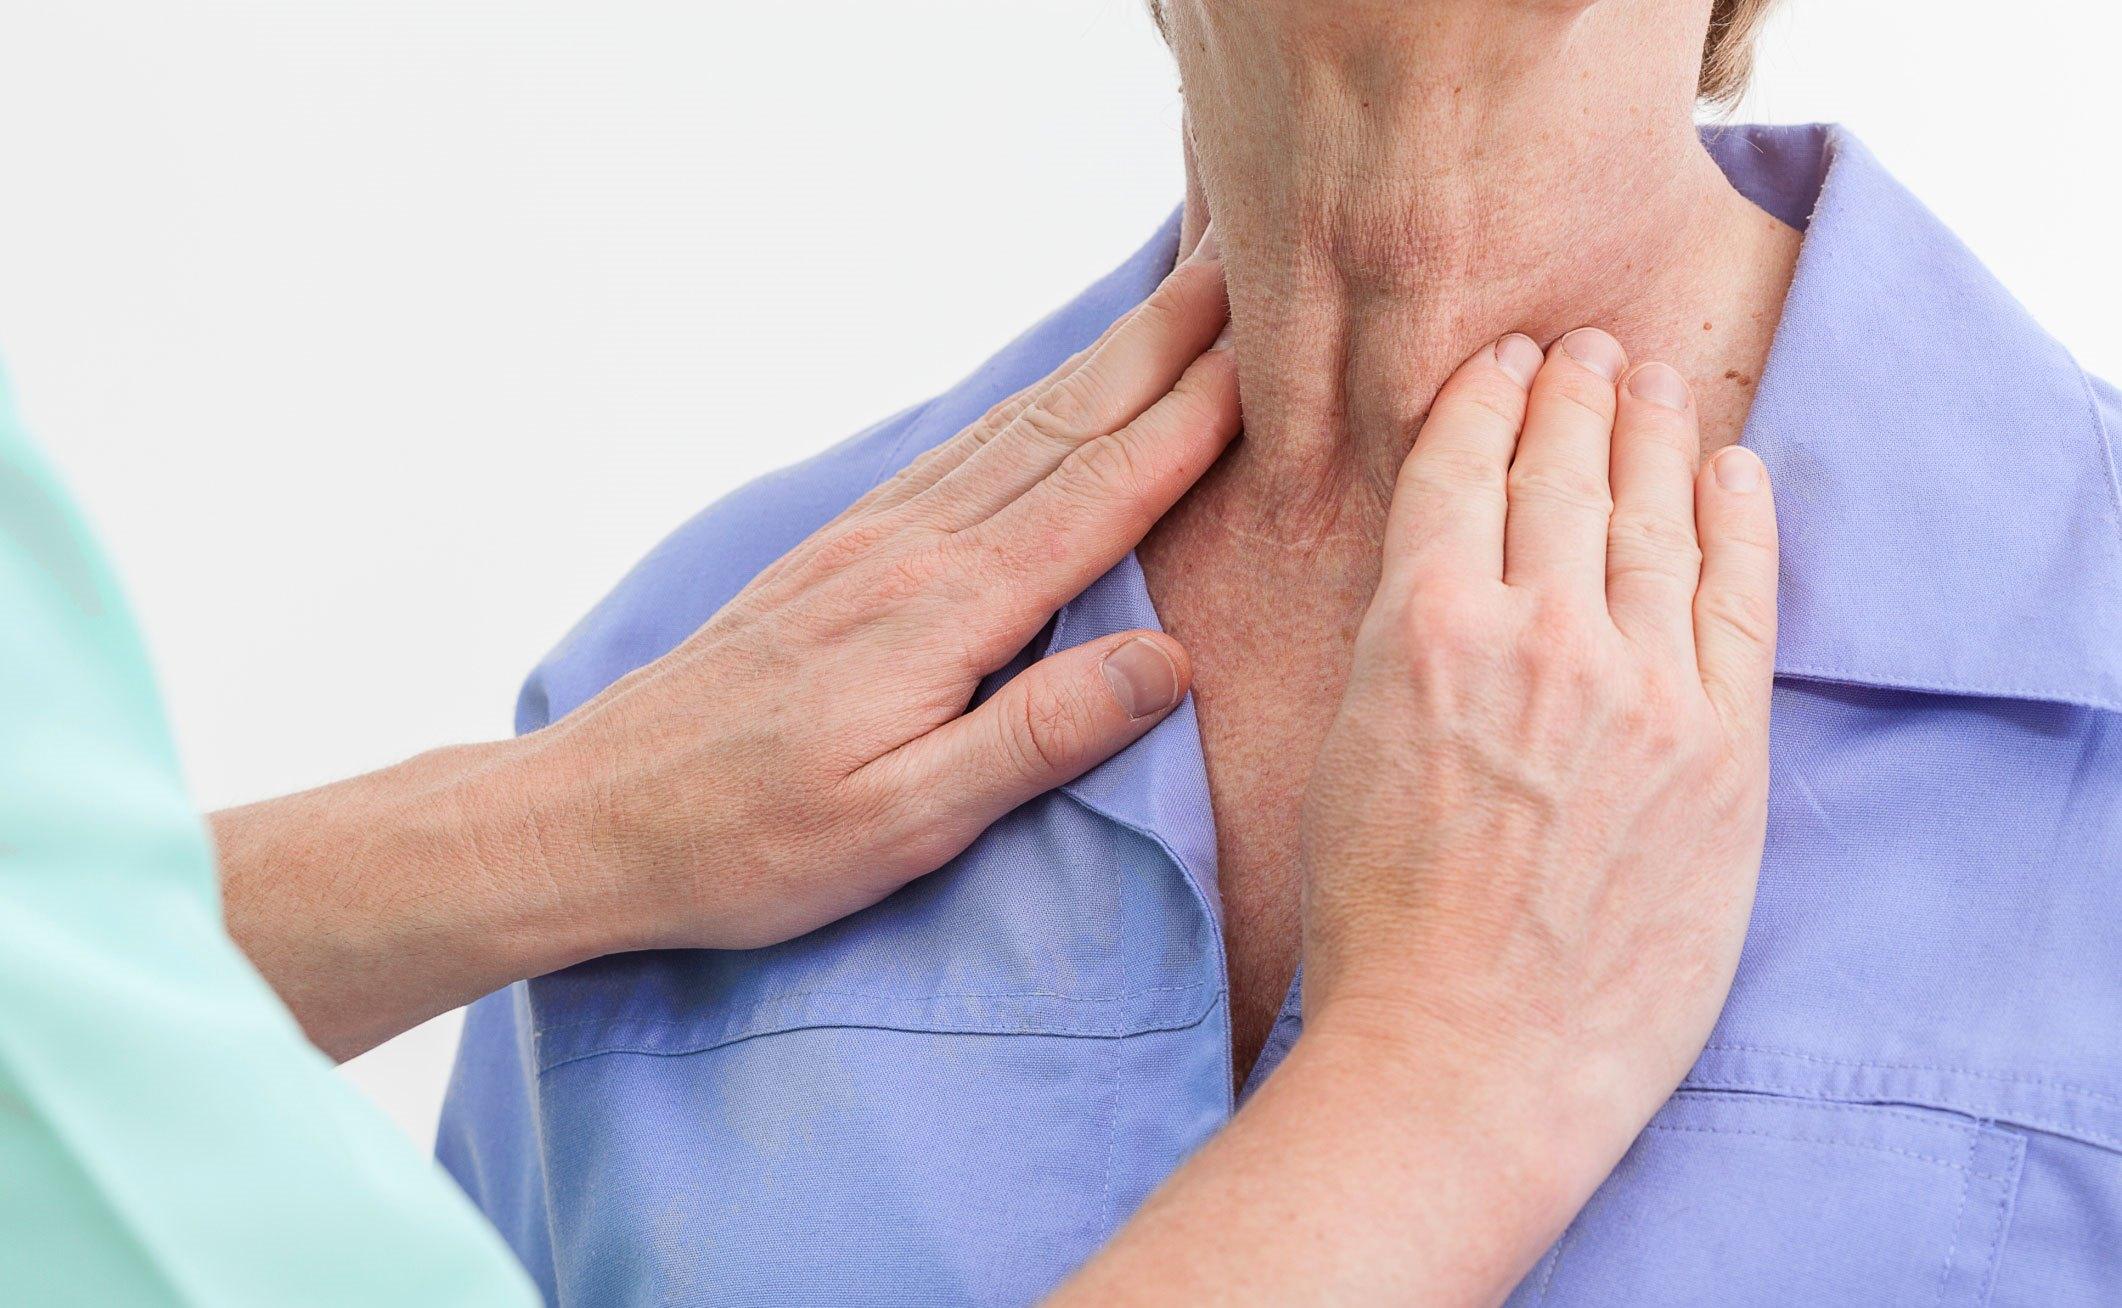 тиреотоксикоз симптомы у женщин лечение и питание